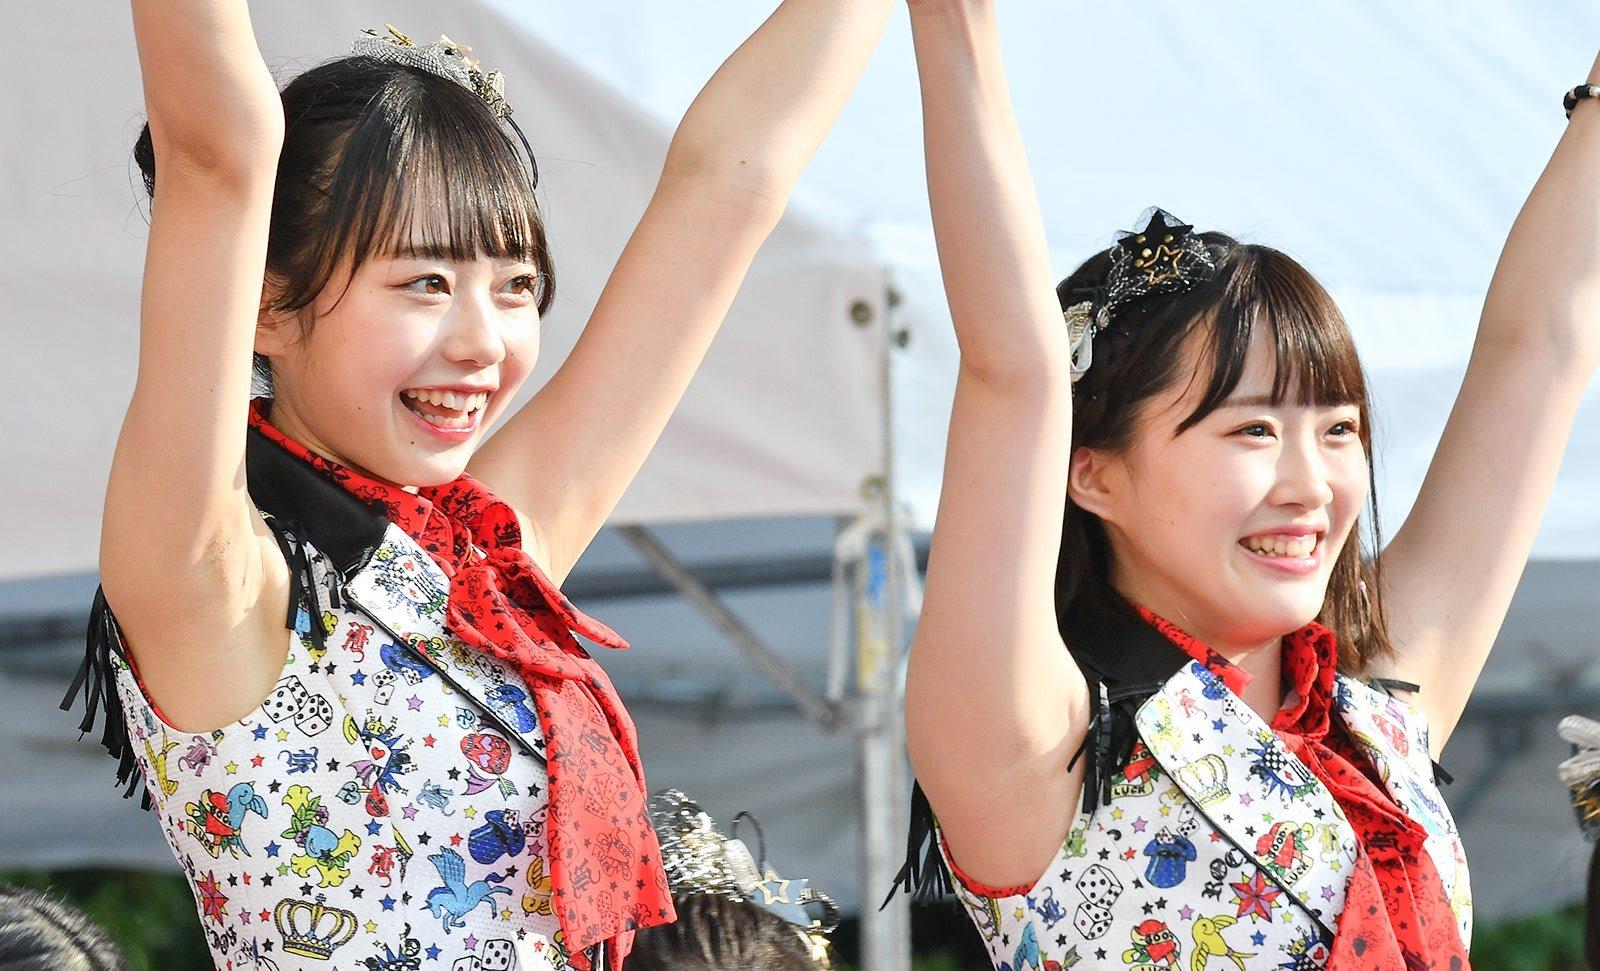 AKB48フレッシュ選抜メンバーの腋見せライブ (7)